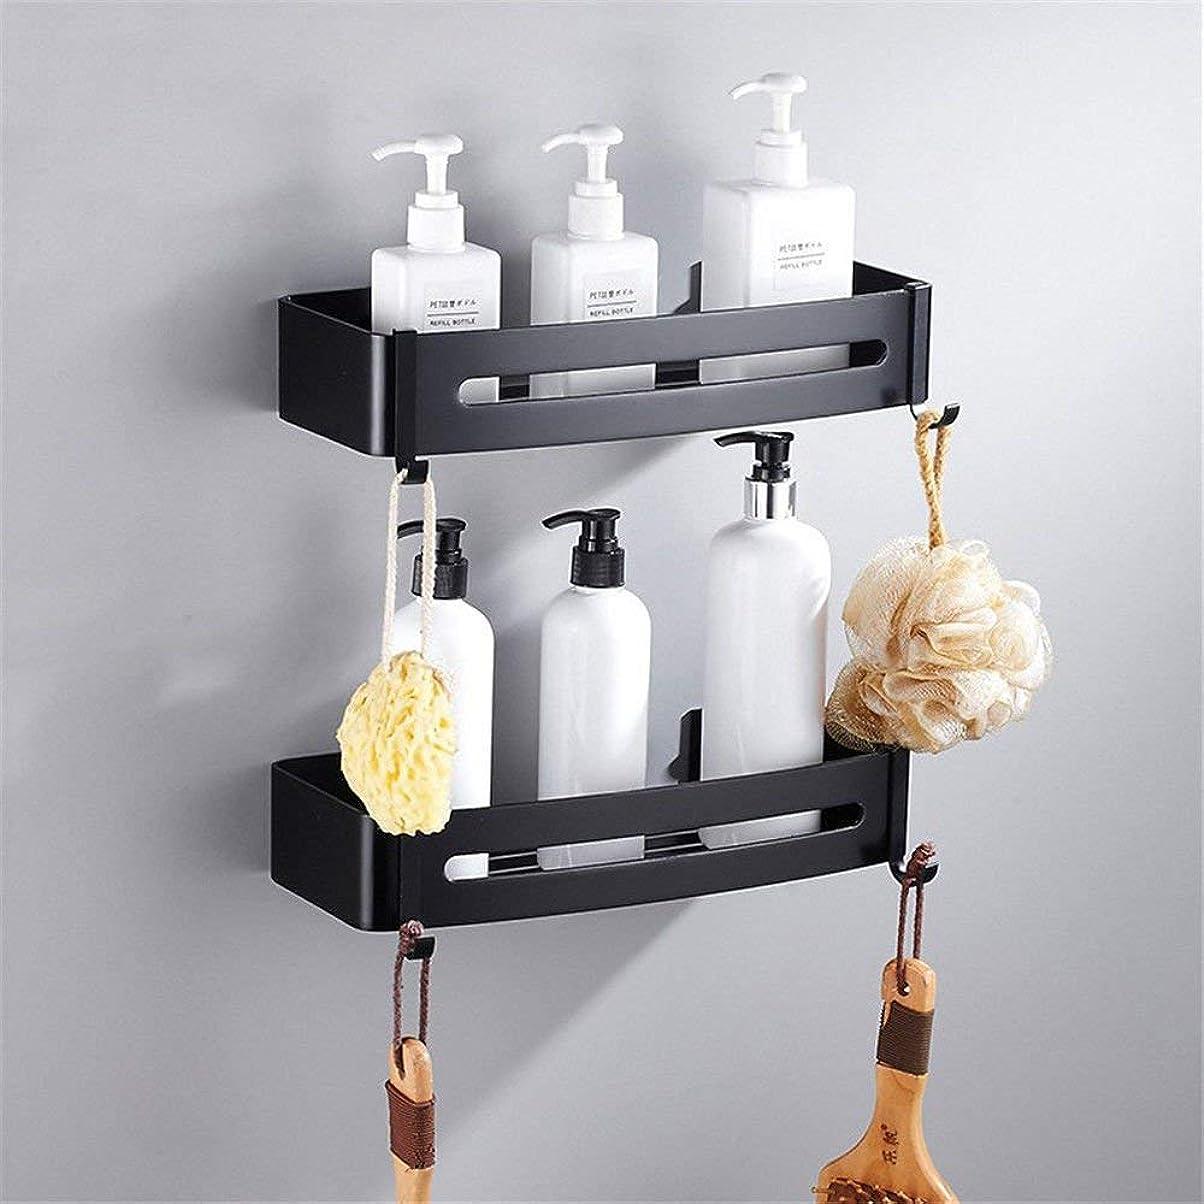 楕円形リダクターまでタオル掛けハンガー パンチ風呂金具からアルミ製バスルームタオルラックまでセット可能 家庭用バスルーム (色 : Shelf3)